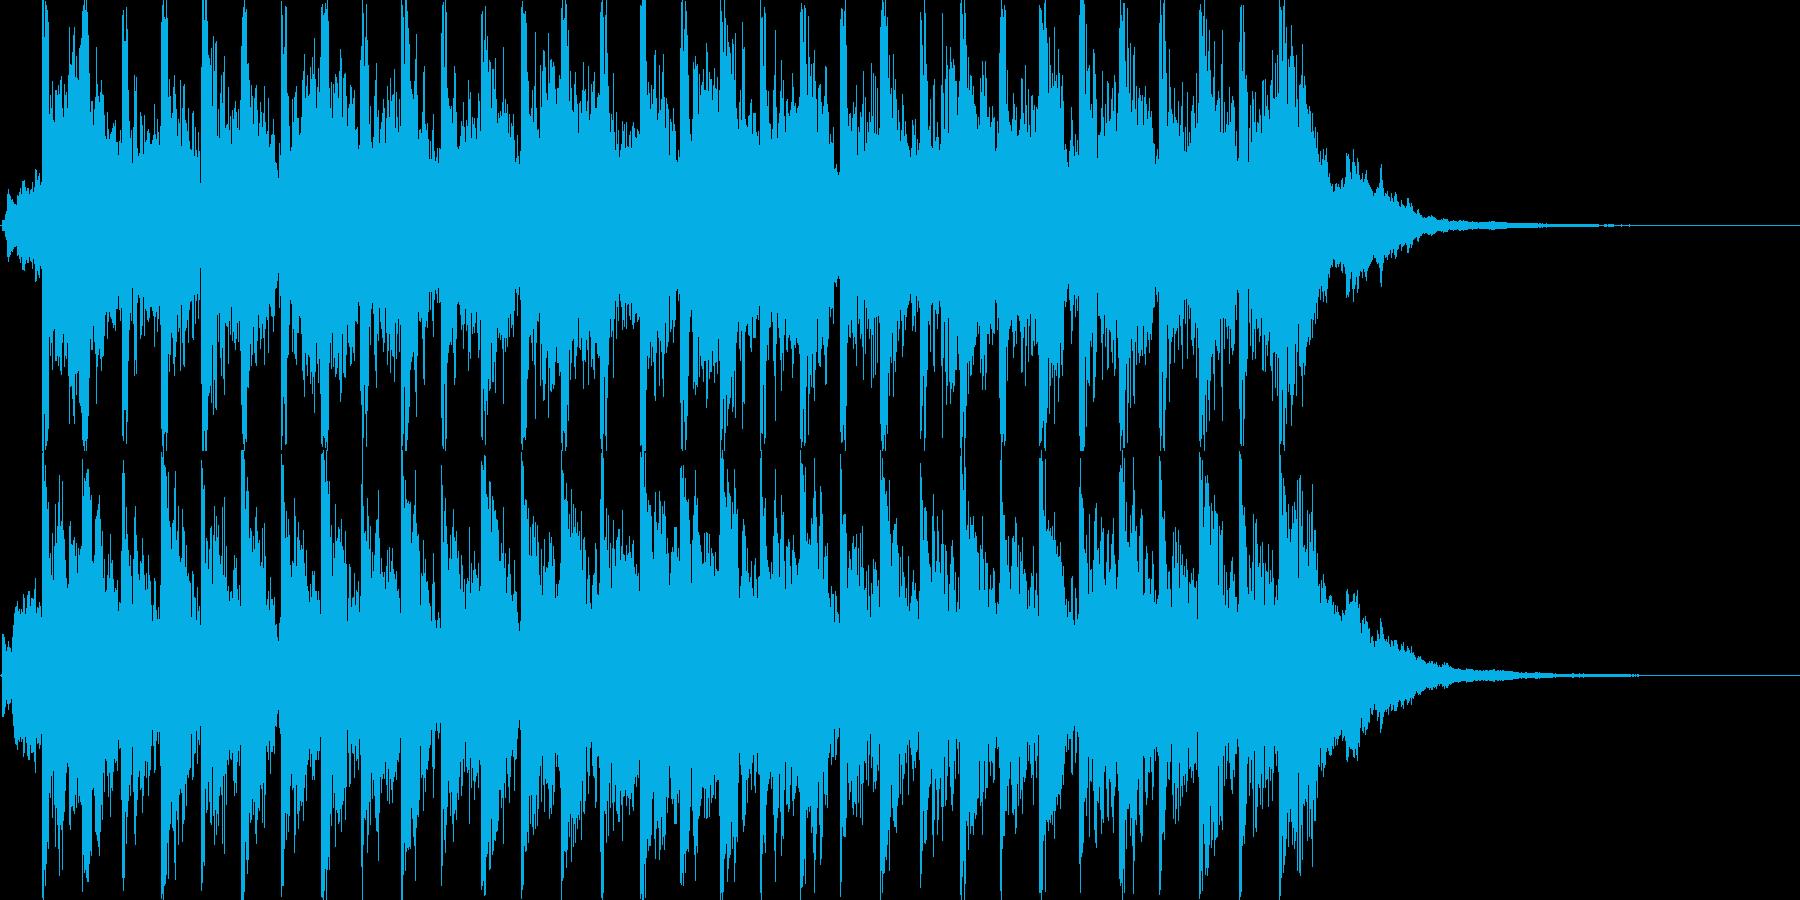 キラキラしたポップ BGMの再生済みの波形